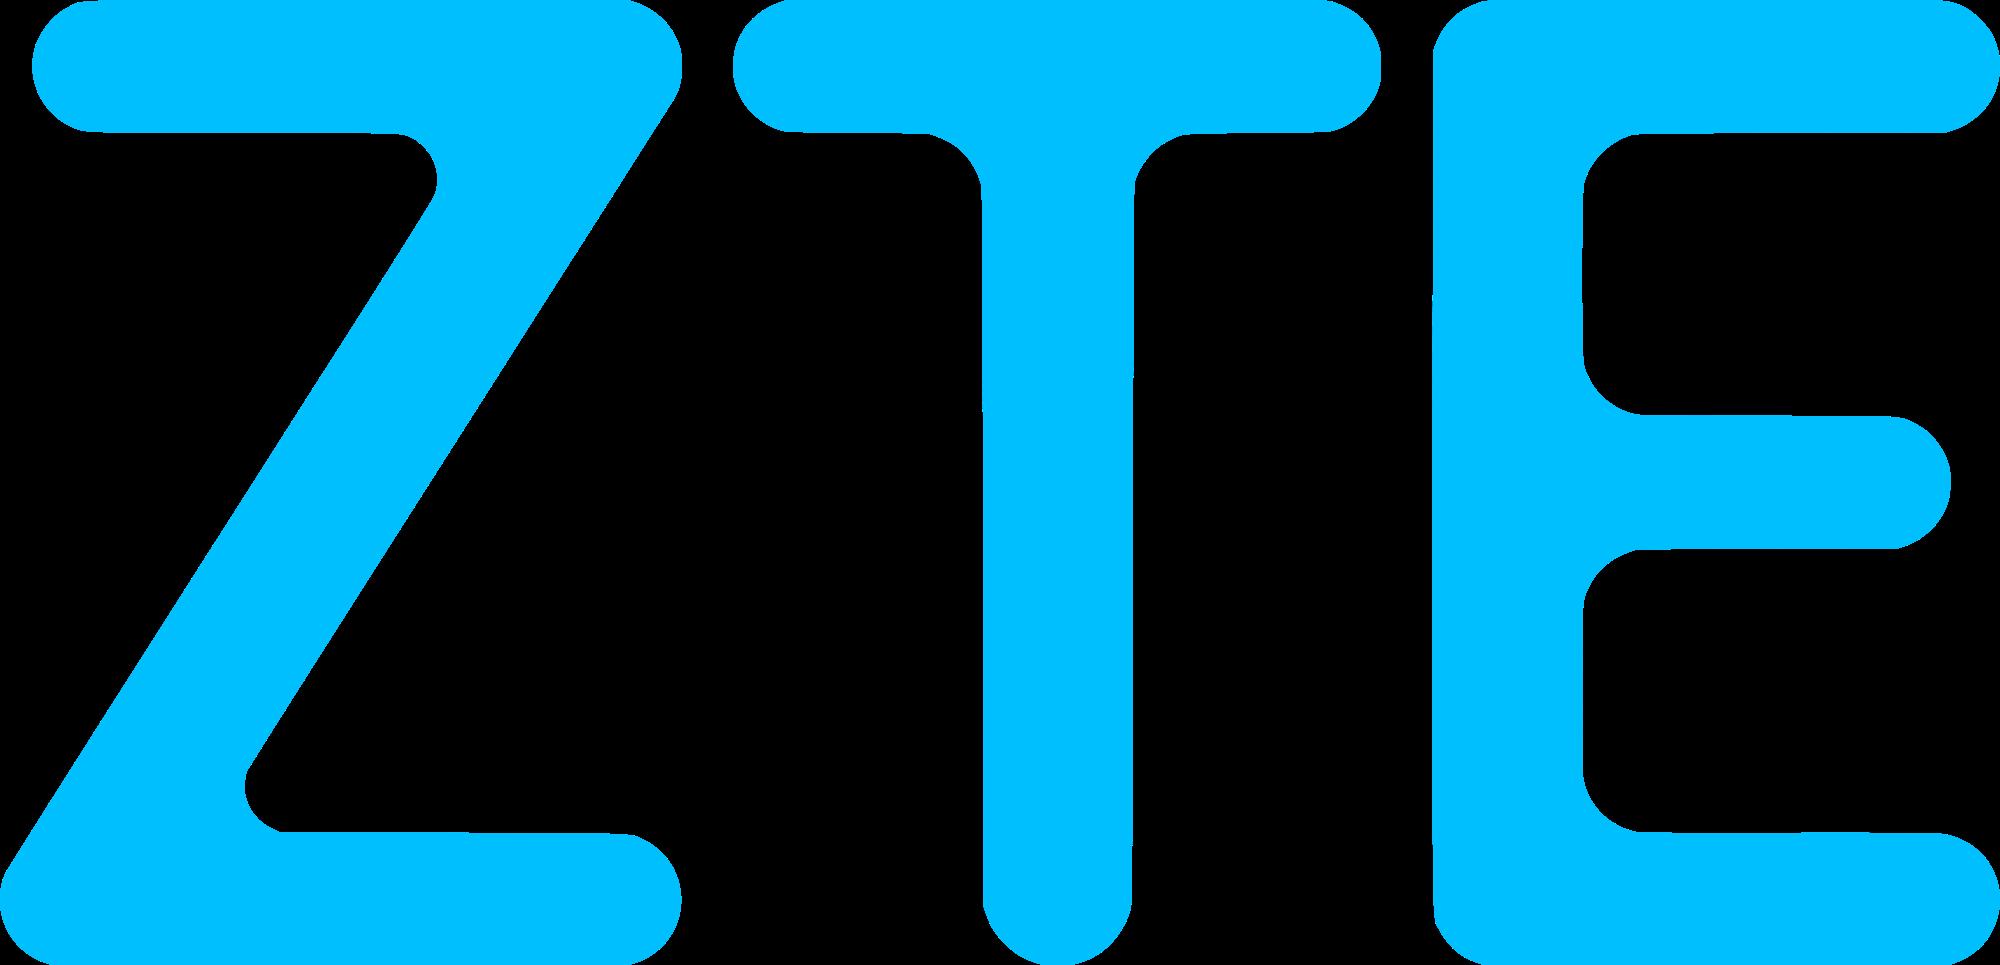 Zet Handy